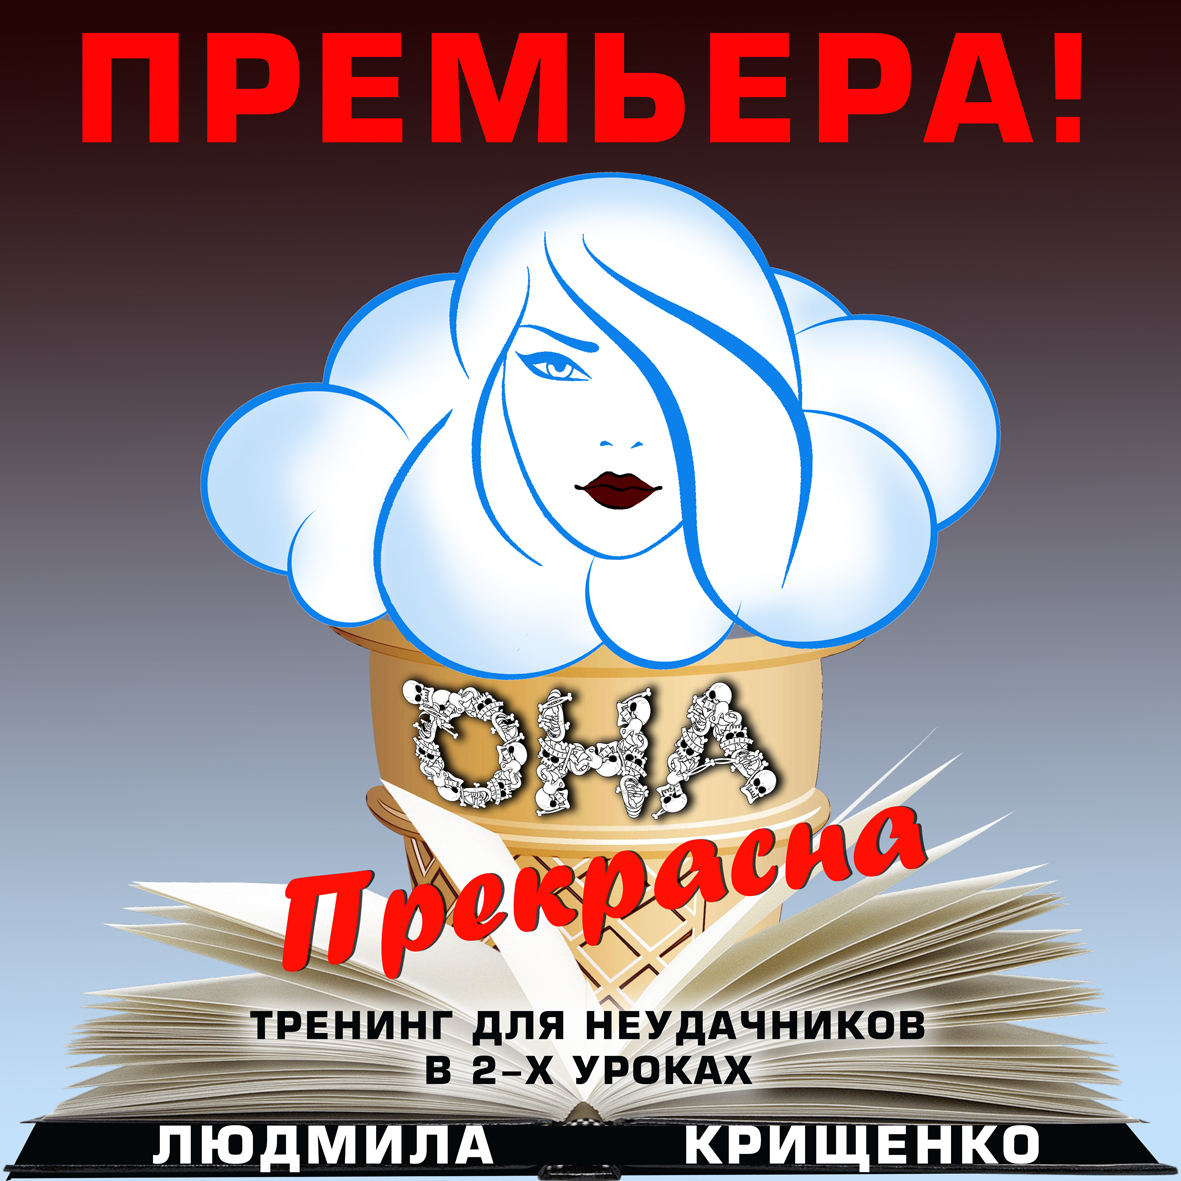 В Новороссийске в «Кукушке» пройдет тренинг для неудачников